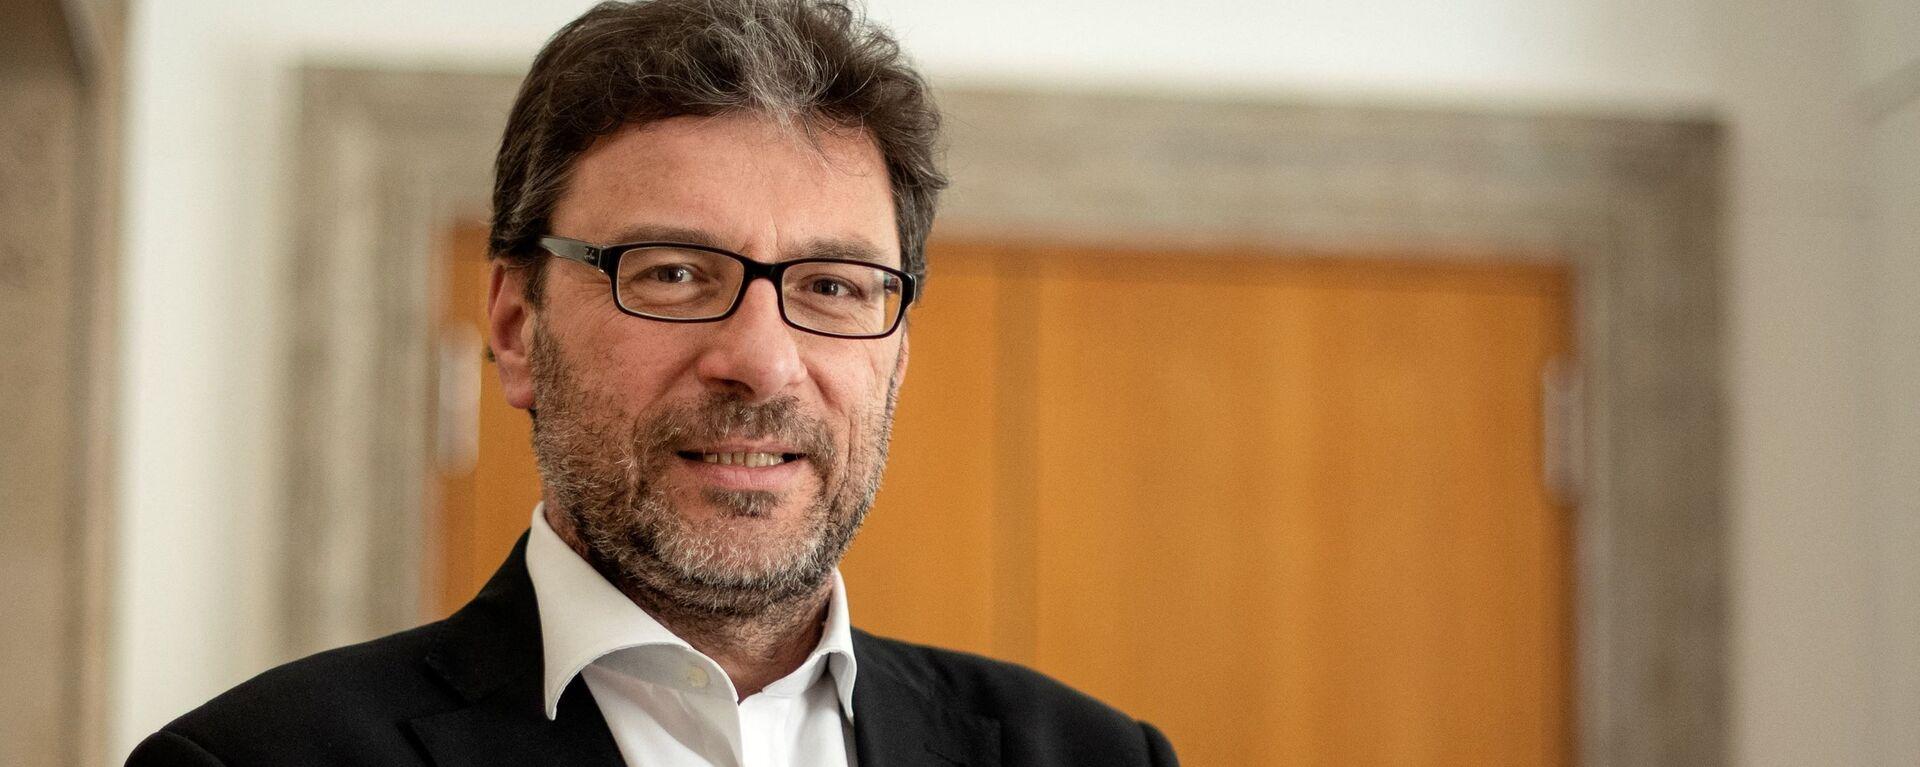 Giancarlo Giorgetti, nuovo Ministro dello Sviluppo Economico - Sputnik Italia, 1920, 19.03.2021